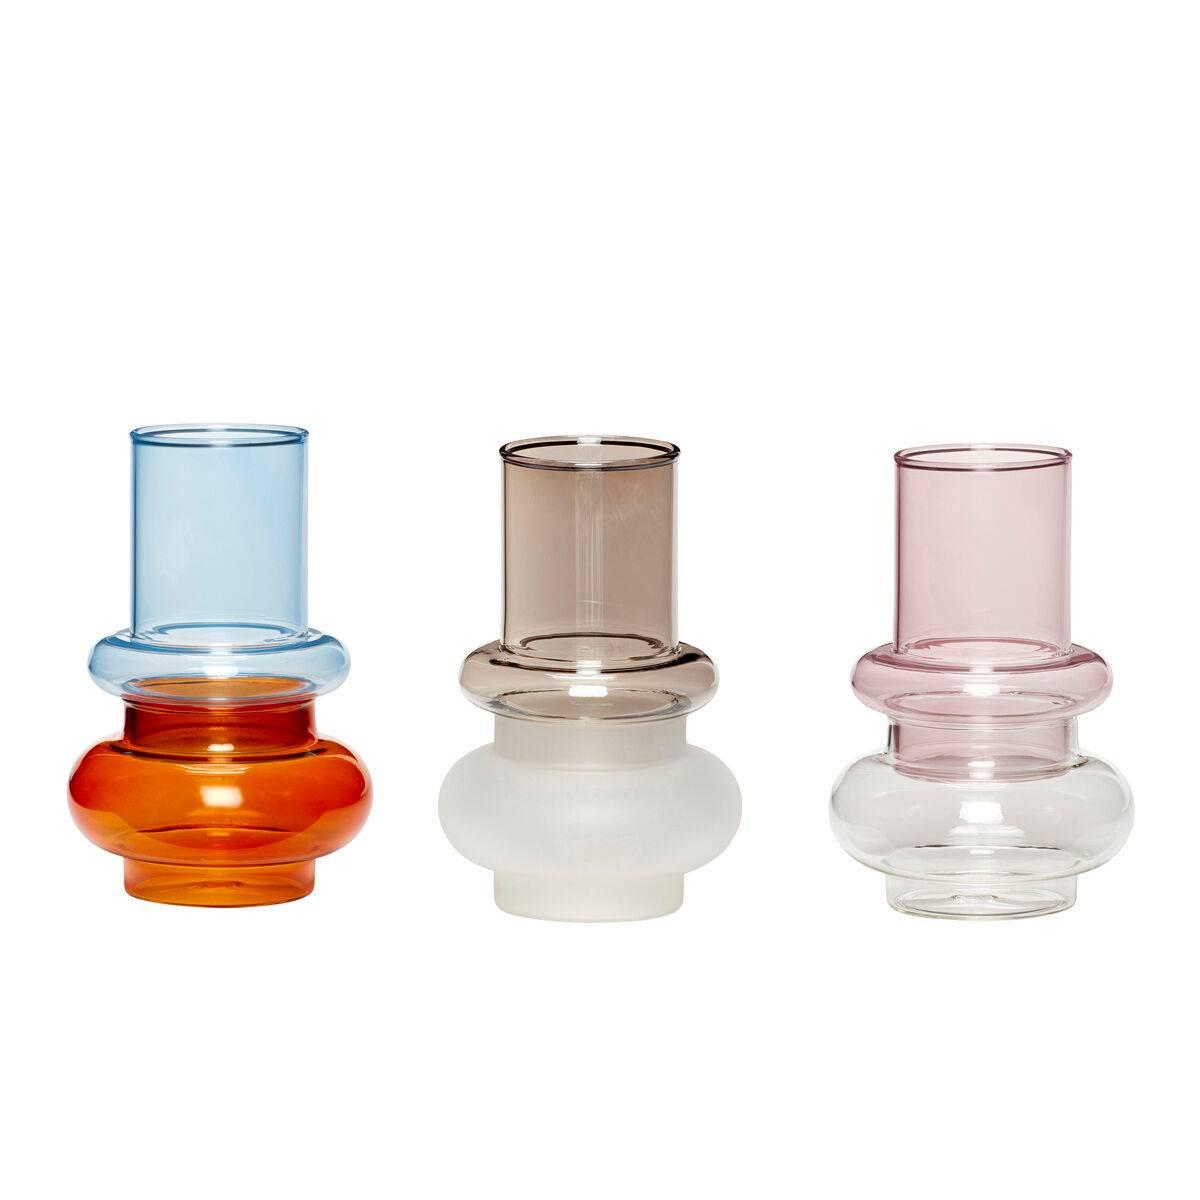 Glassvaser Hübsch - Sett med 3